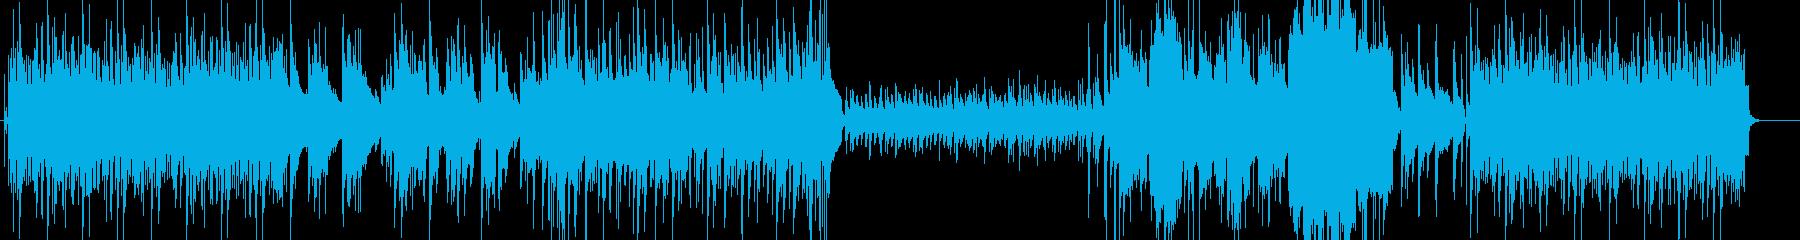 RPGゲームの草原フィールド用楽曲の再生済みの波形